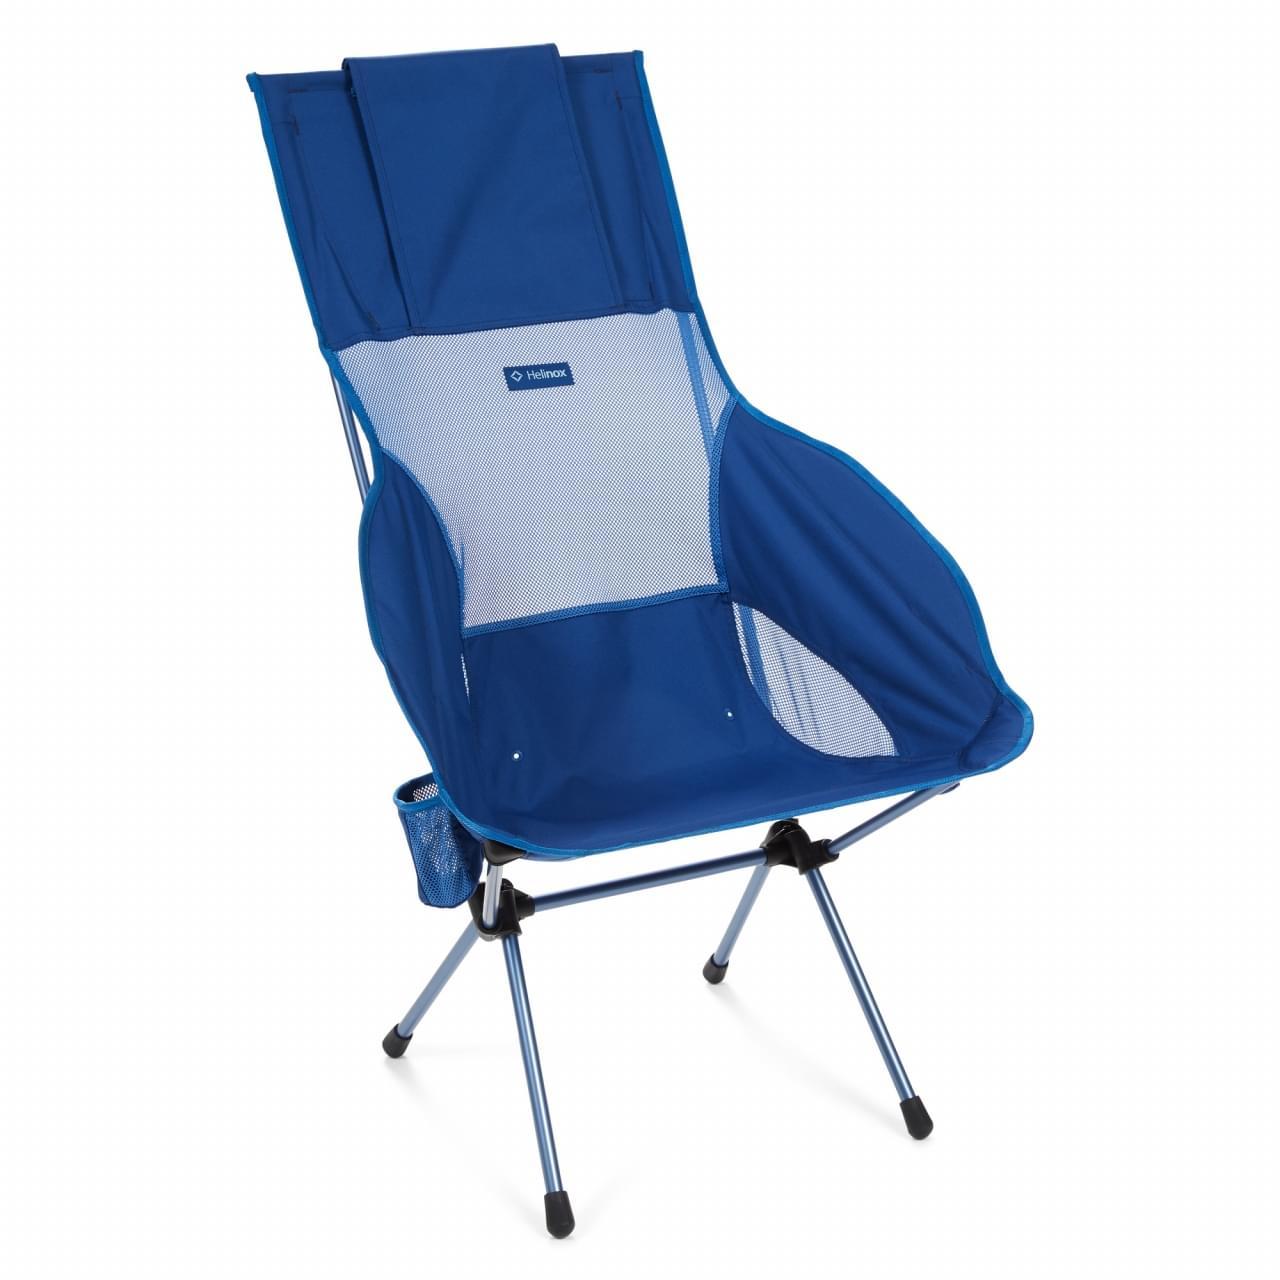 Helinox Savanna Chair Block Lichtgewicht Stoel - Blauw